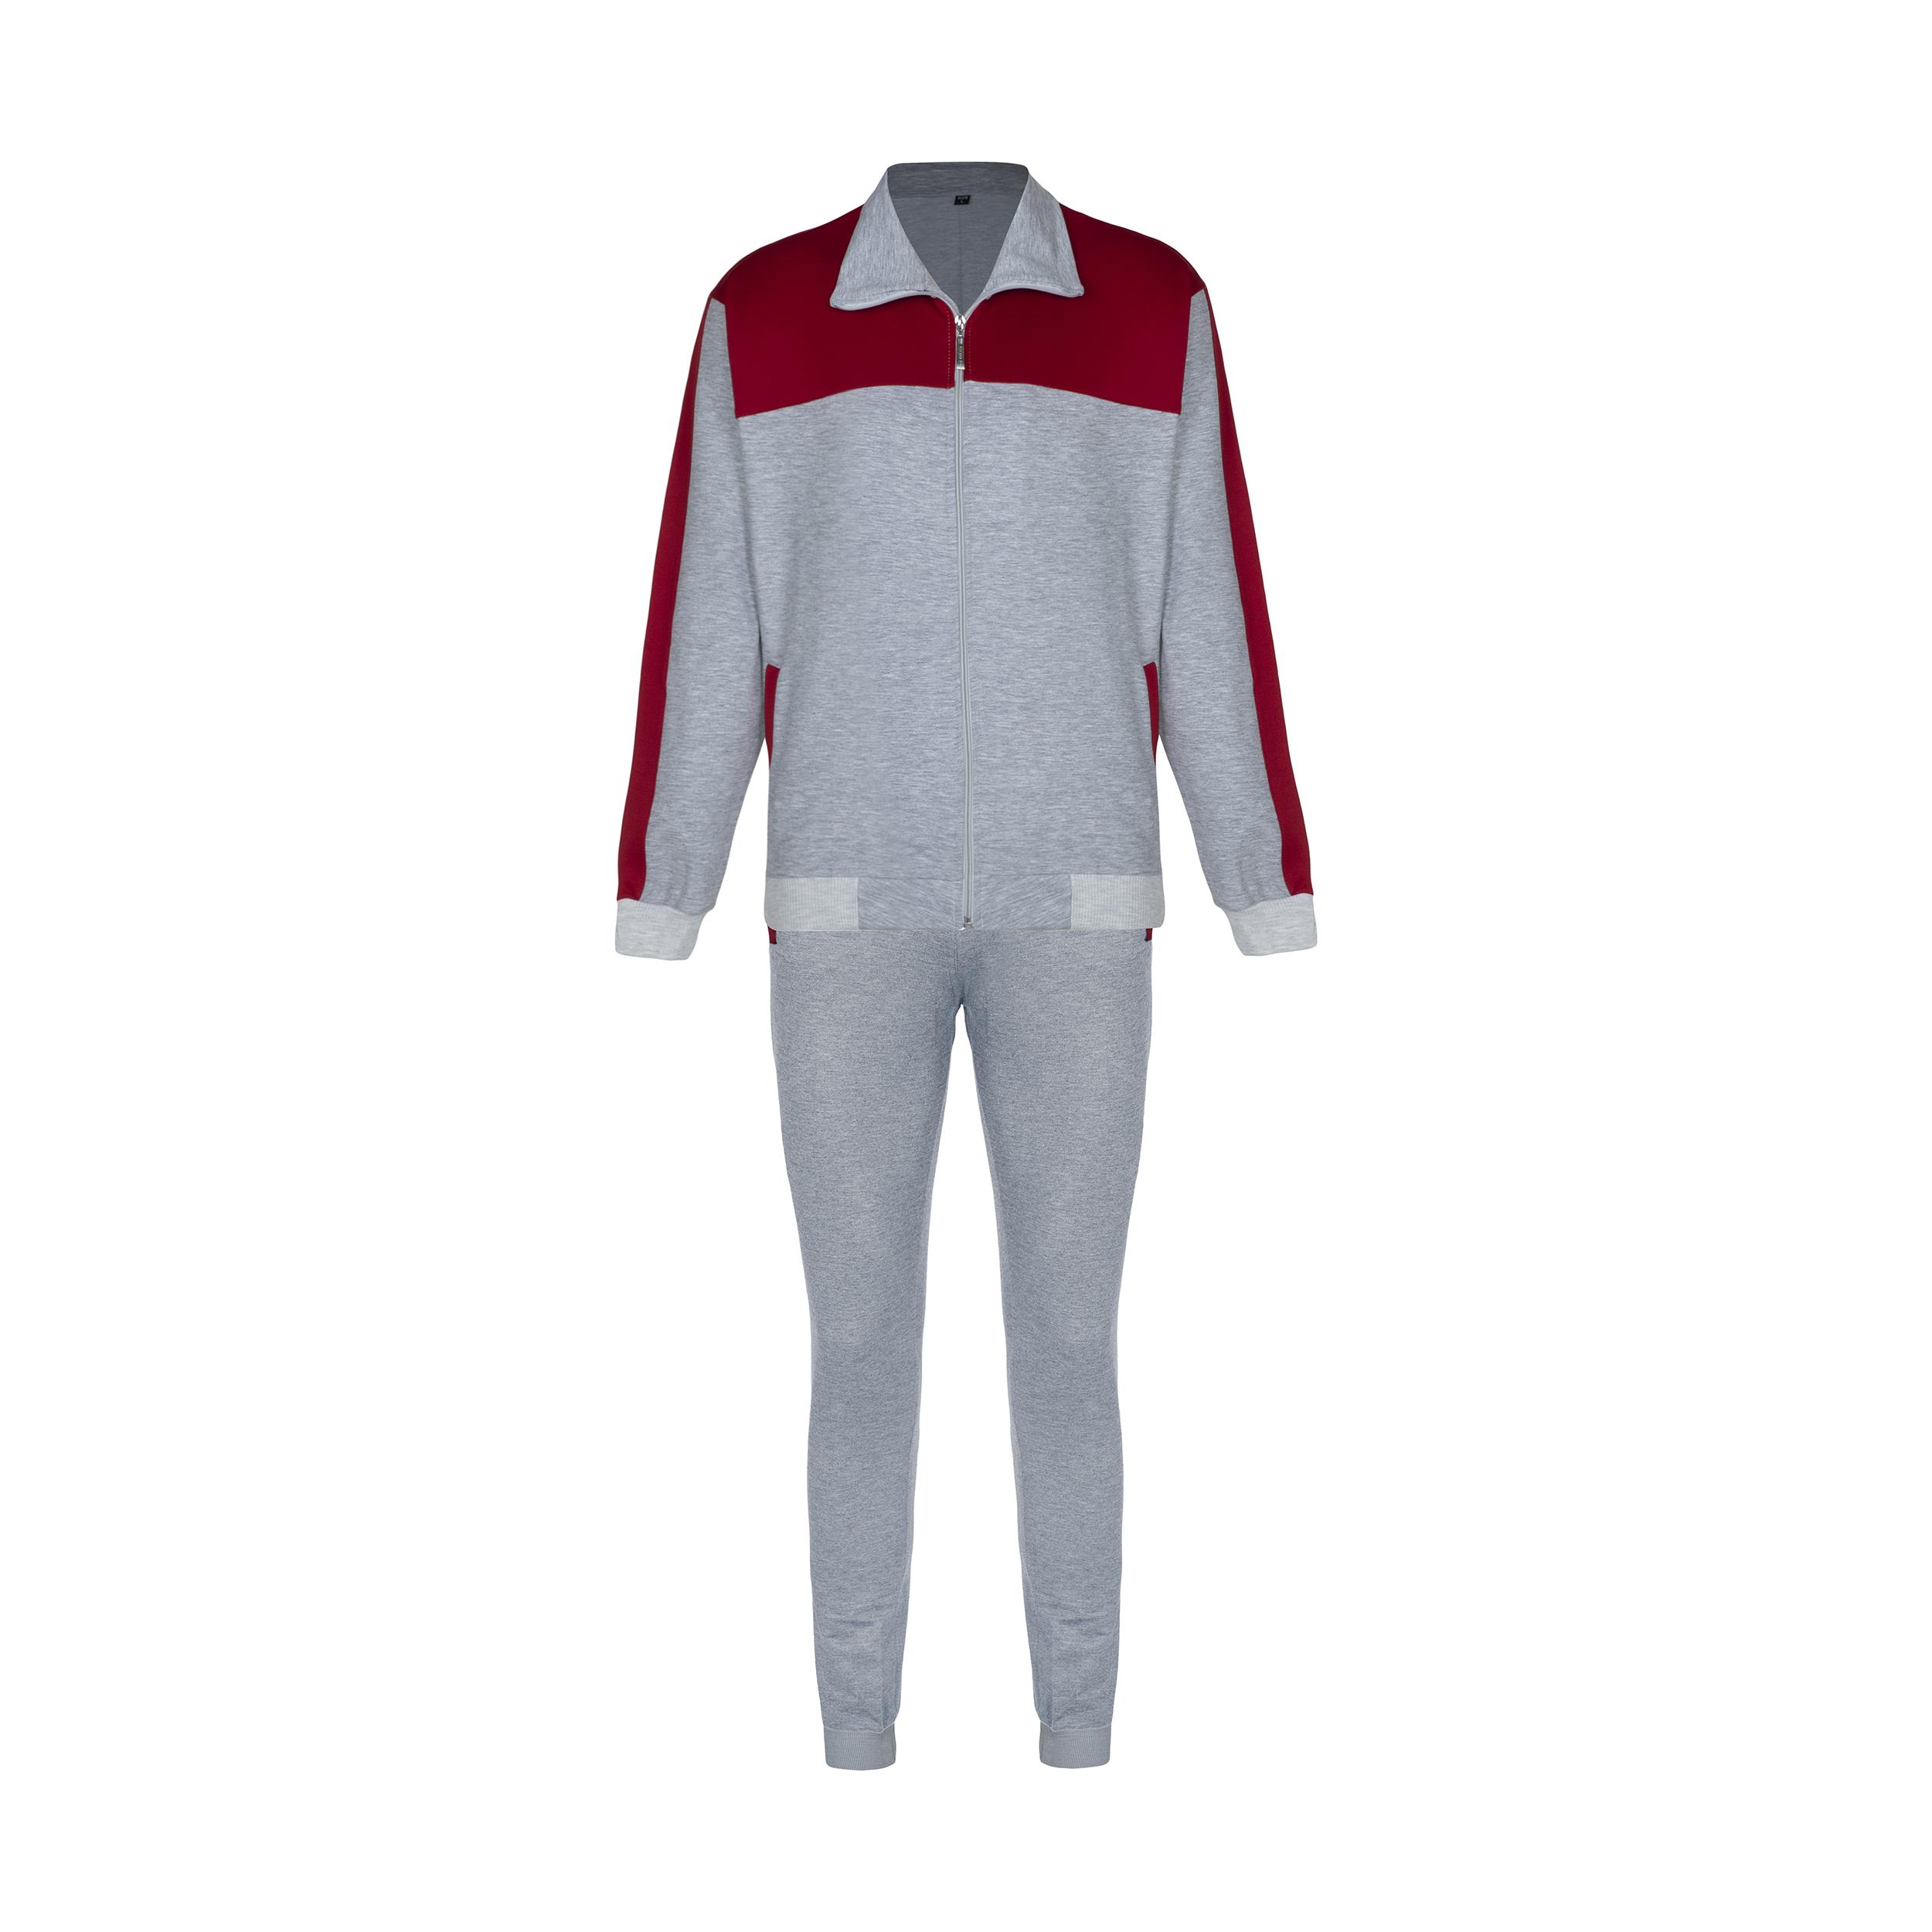 ست سویشرت و شلوار ورزشی مردانه مدل NEW2021-3